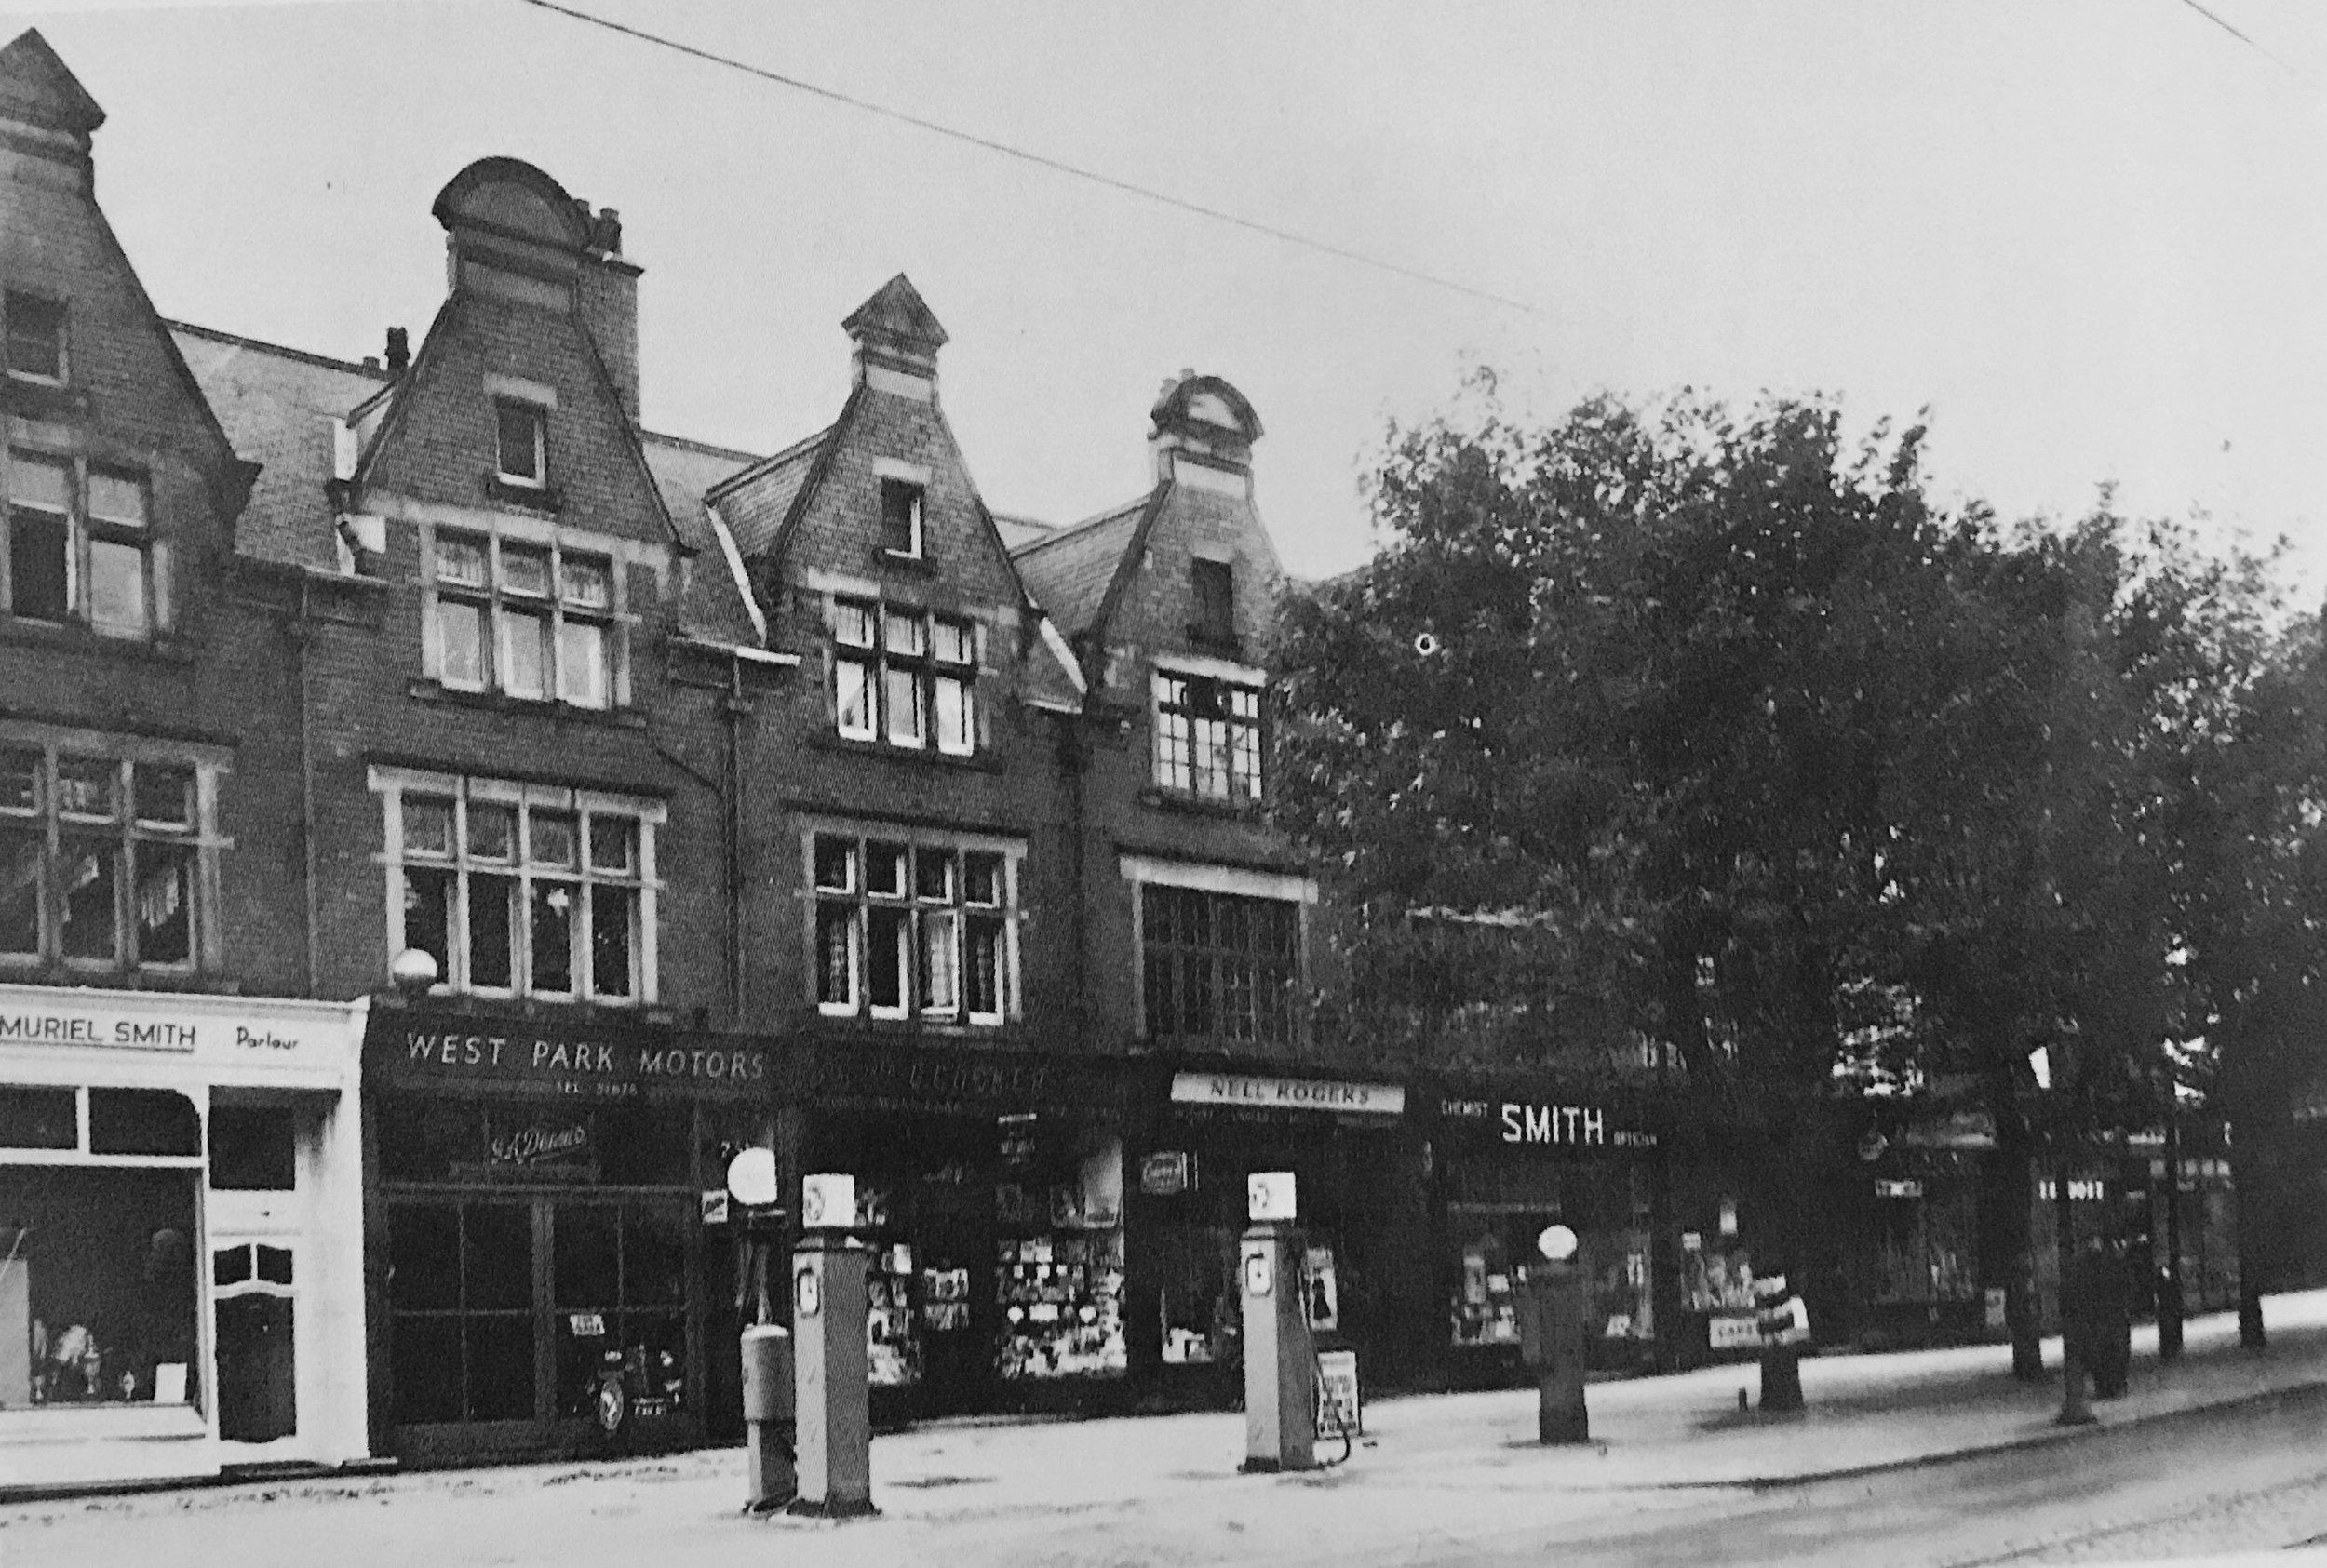 West Park Shops